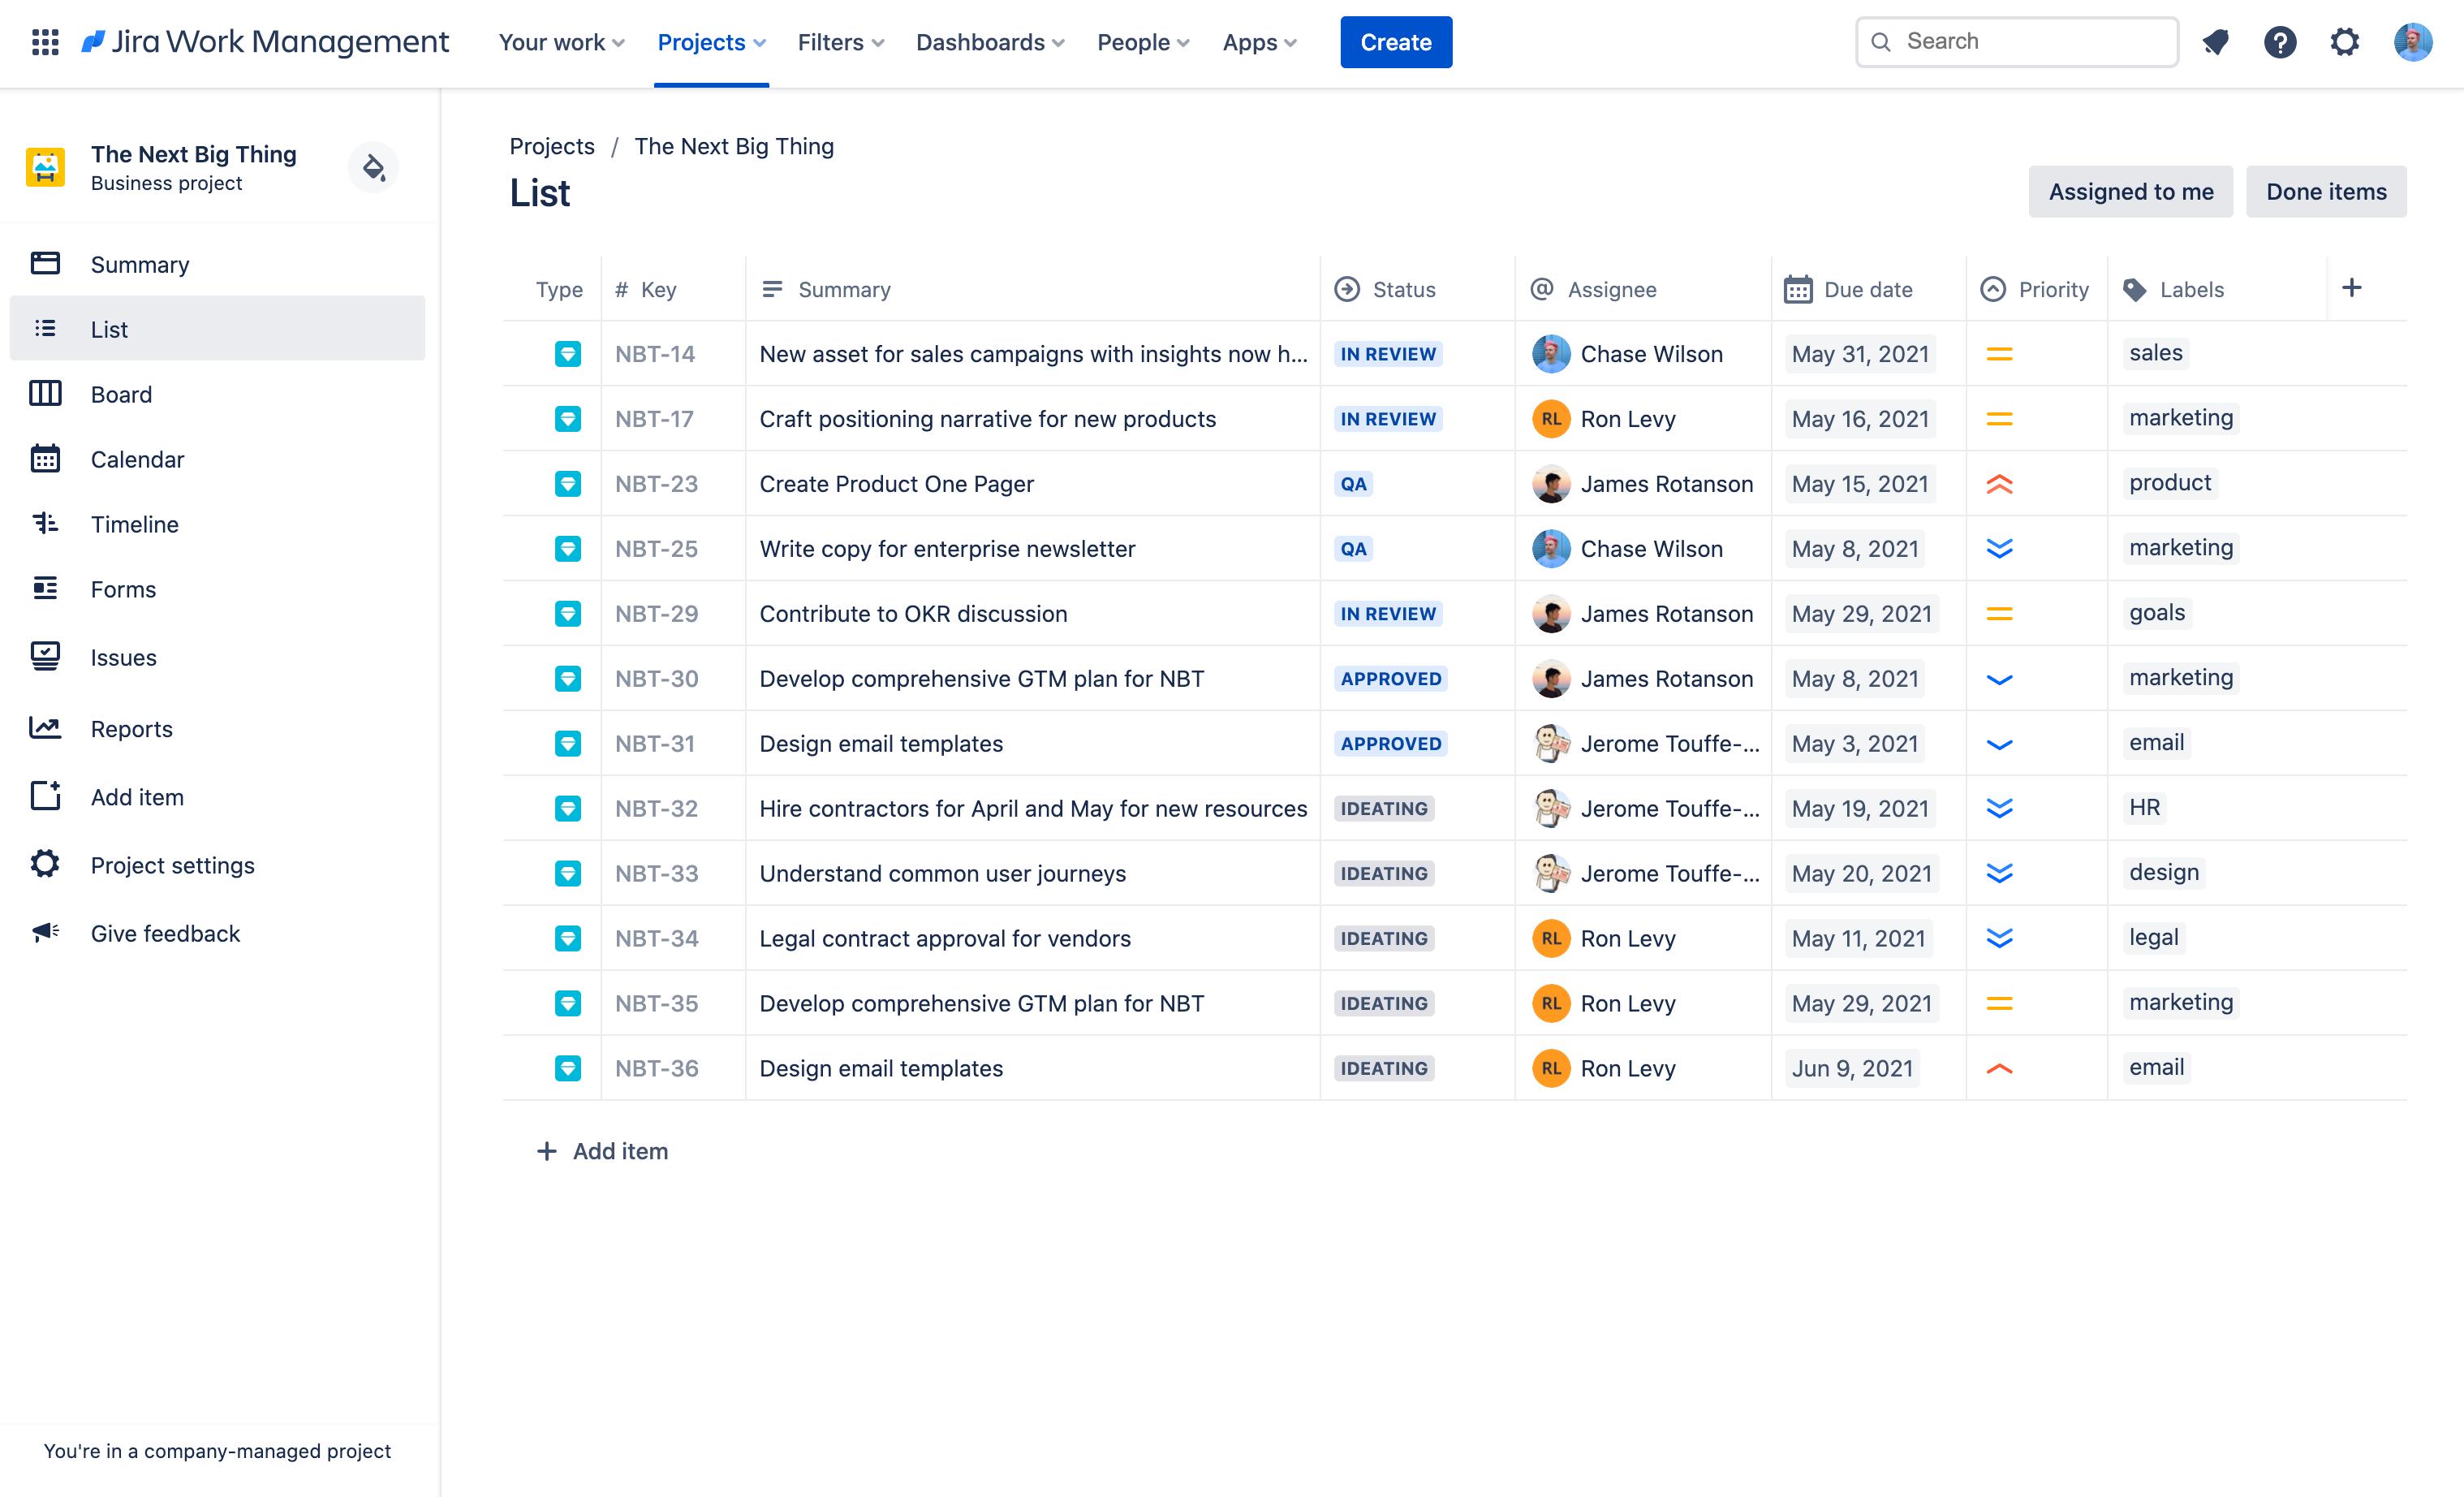 Schermafbeelding lijstweergave